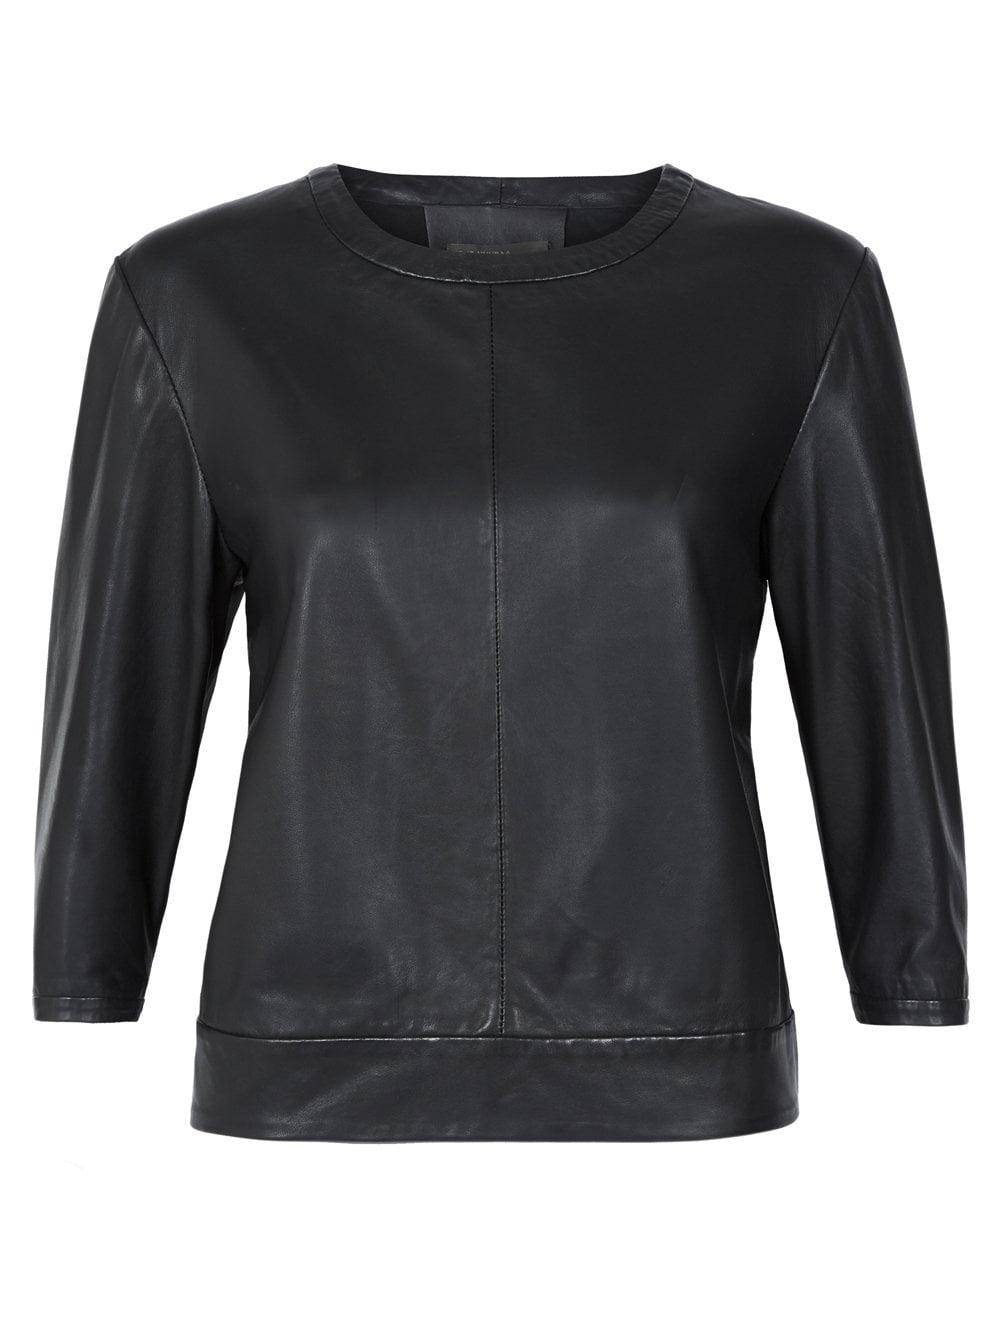 Muubaa Sei Black Leather Jumper